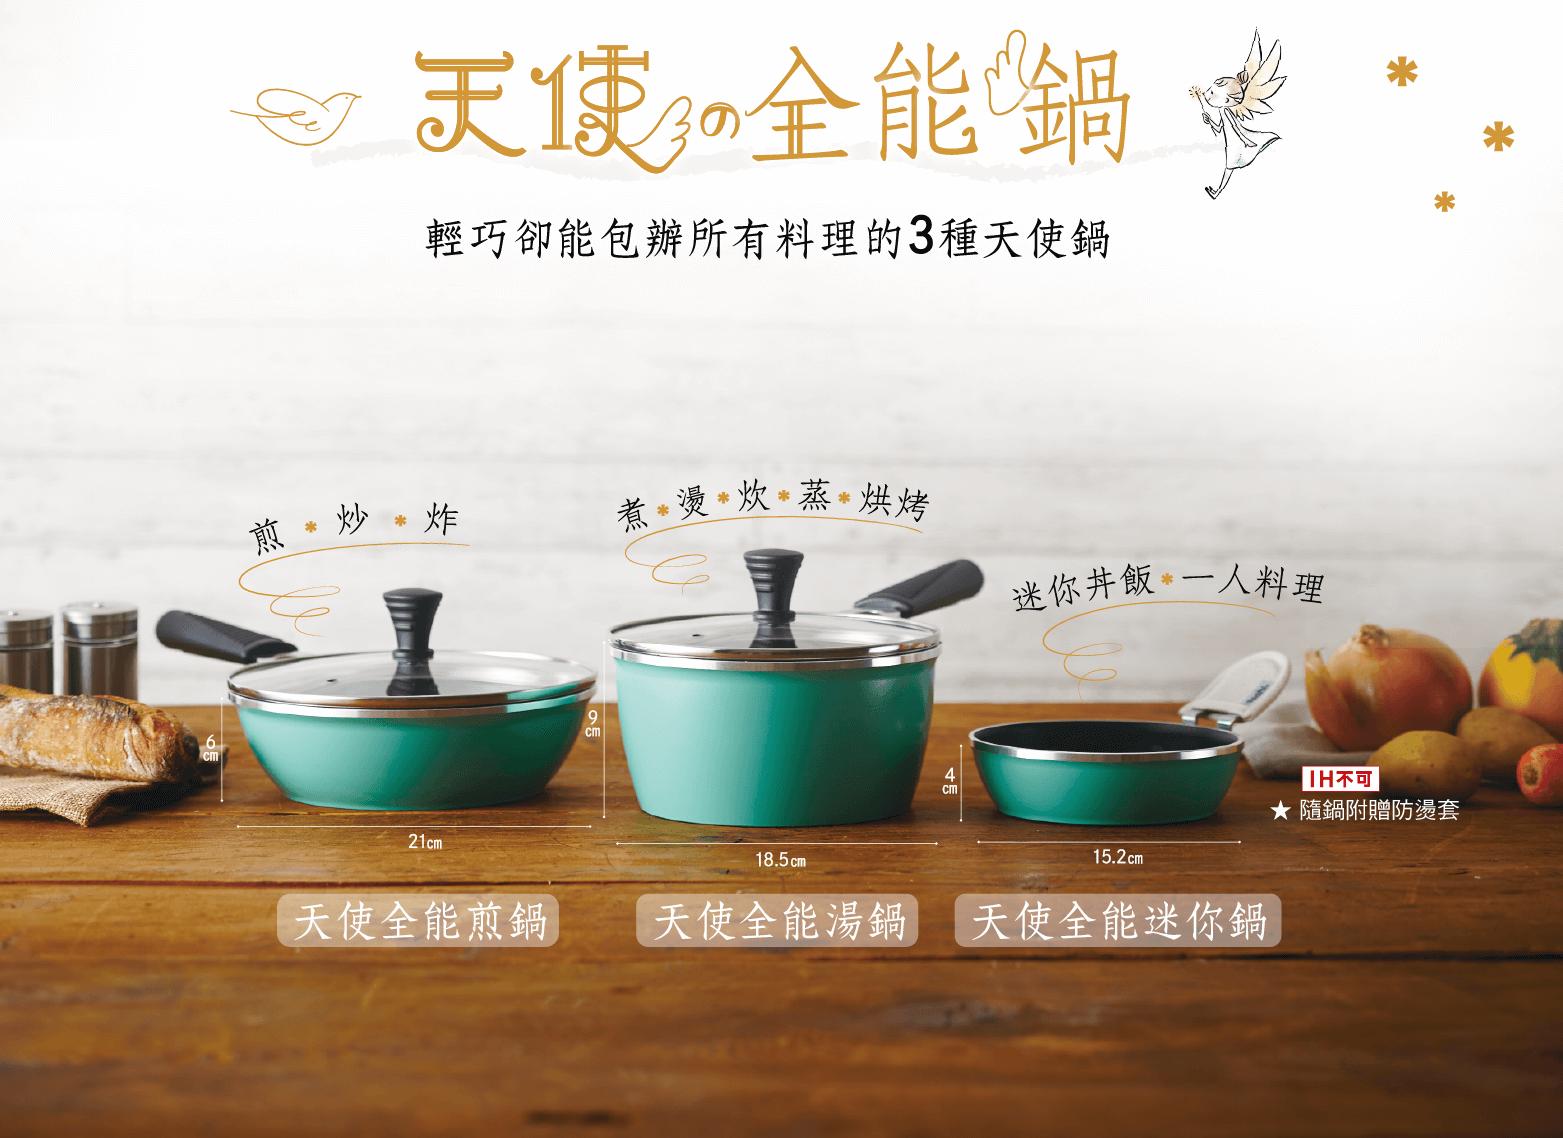 煎鍋,平底鍋,不沾鍋,小鍋子,小鍋推薦,天使鍋,全能鍋